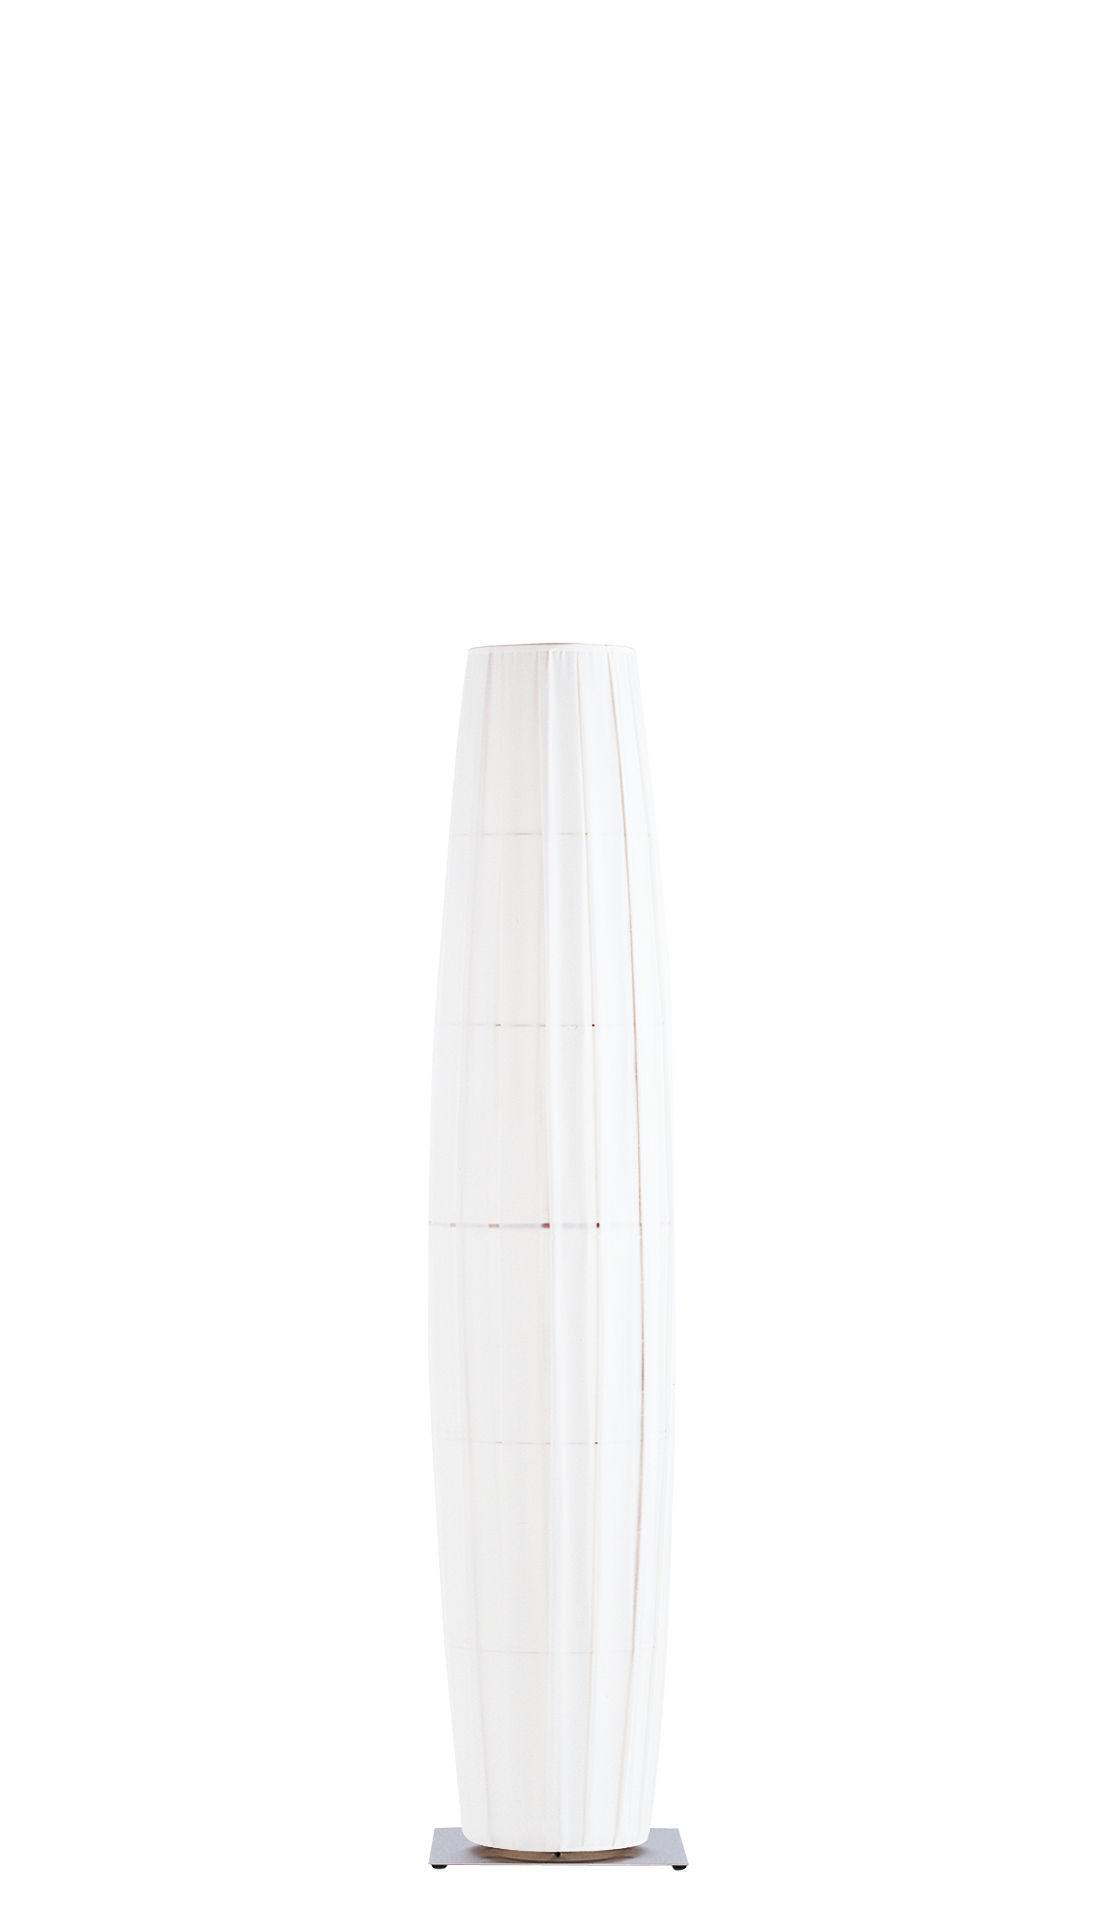 Luminaire - Lampadaires - Lampadaire Colonne / LED trichromatique- H 190 cm - Dix Heures Dix - Blanc & éclairage multicolore / Socle inox - Acier brossé, Tissu polyester